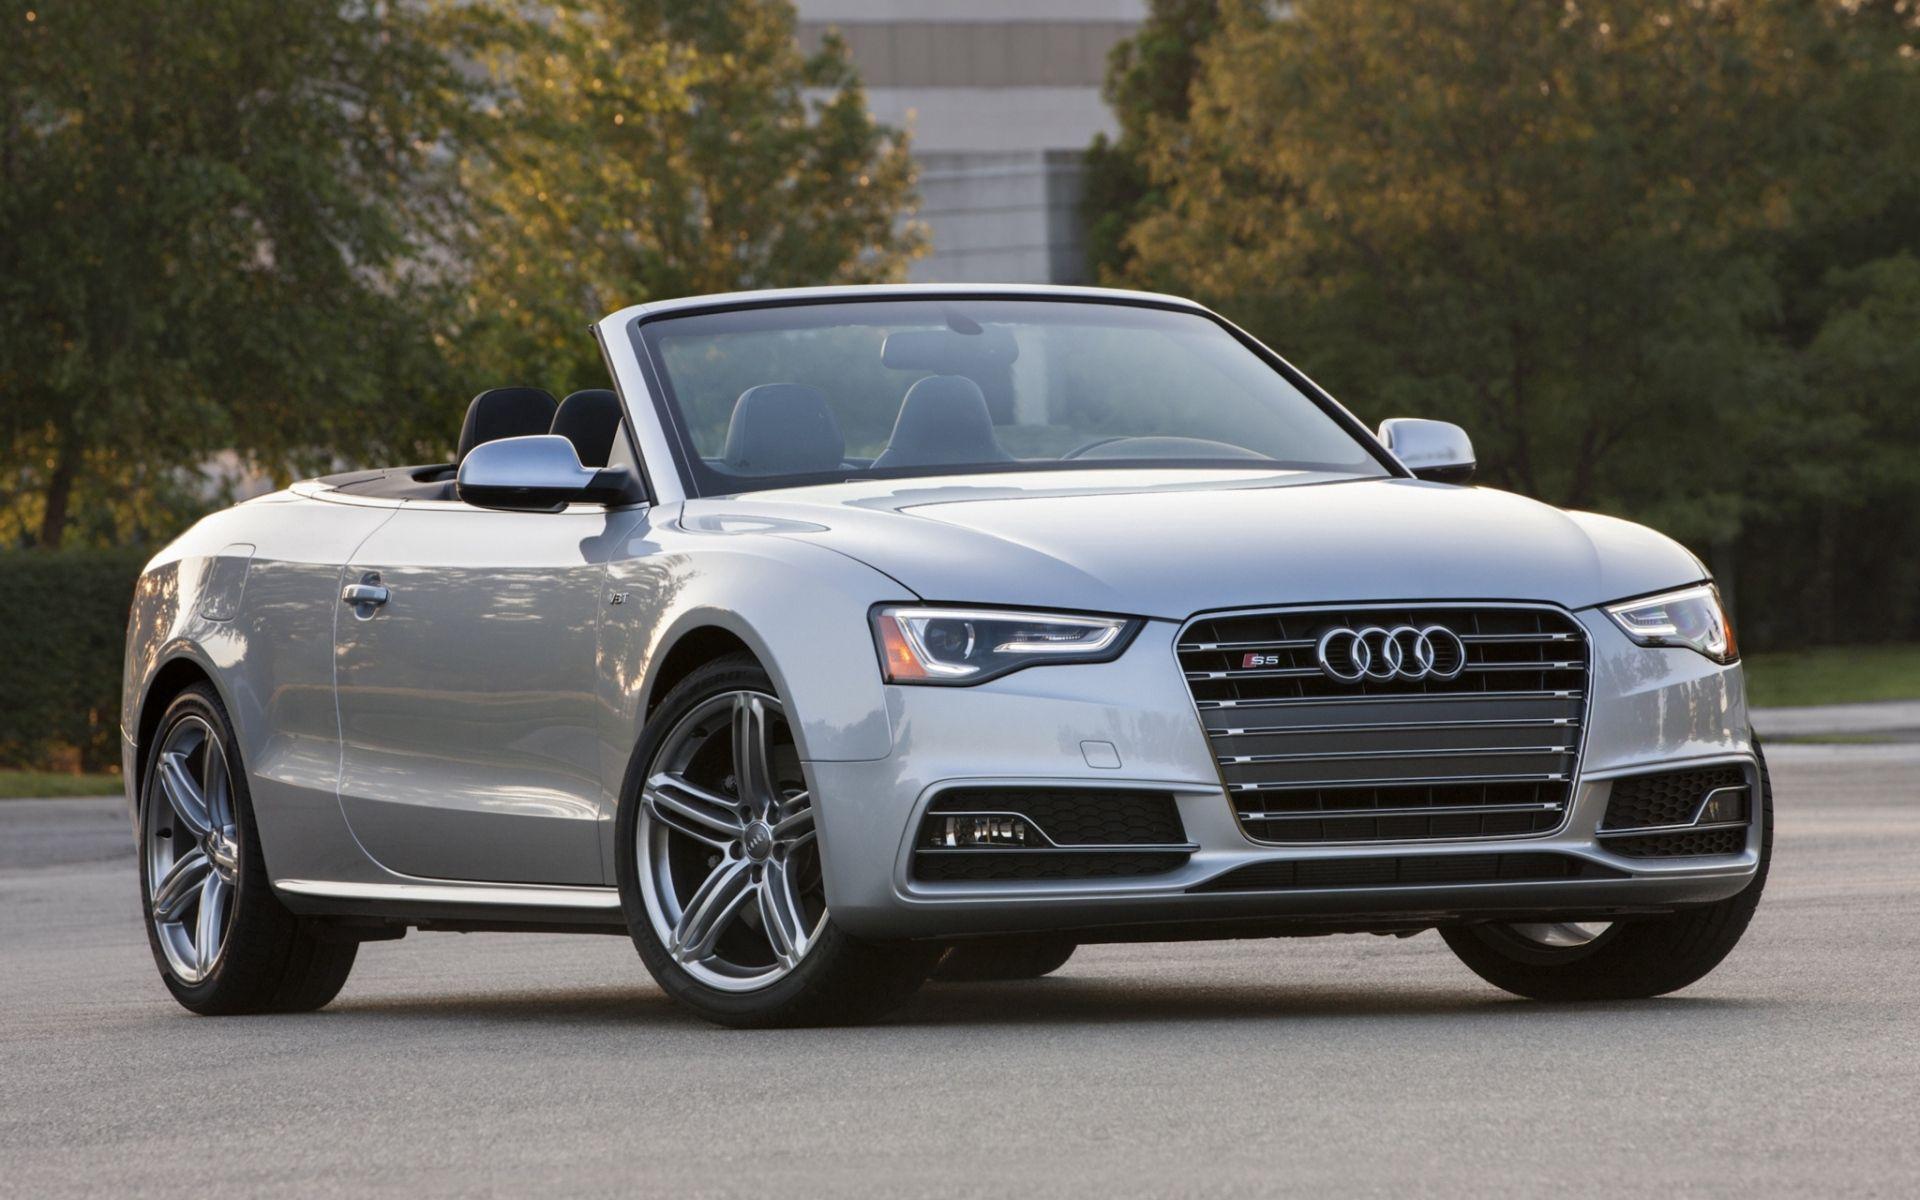 92255 Заставки и Обои Ауди (Audi) на телефон. Скачать Ауди (Audi), Тачки (Cars), Вид Спереди, Серый, Кабриолет, S5 картинки бесплатно